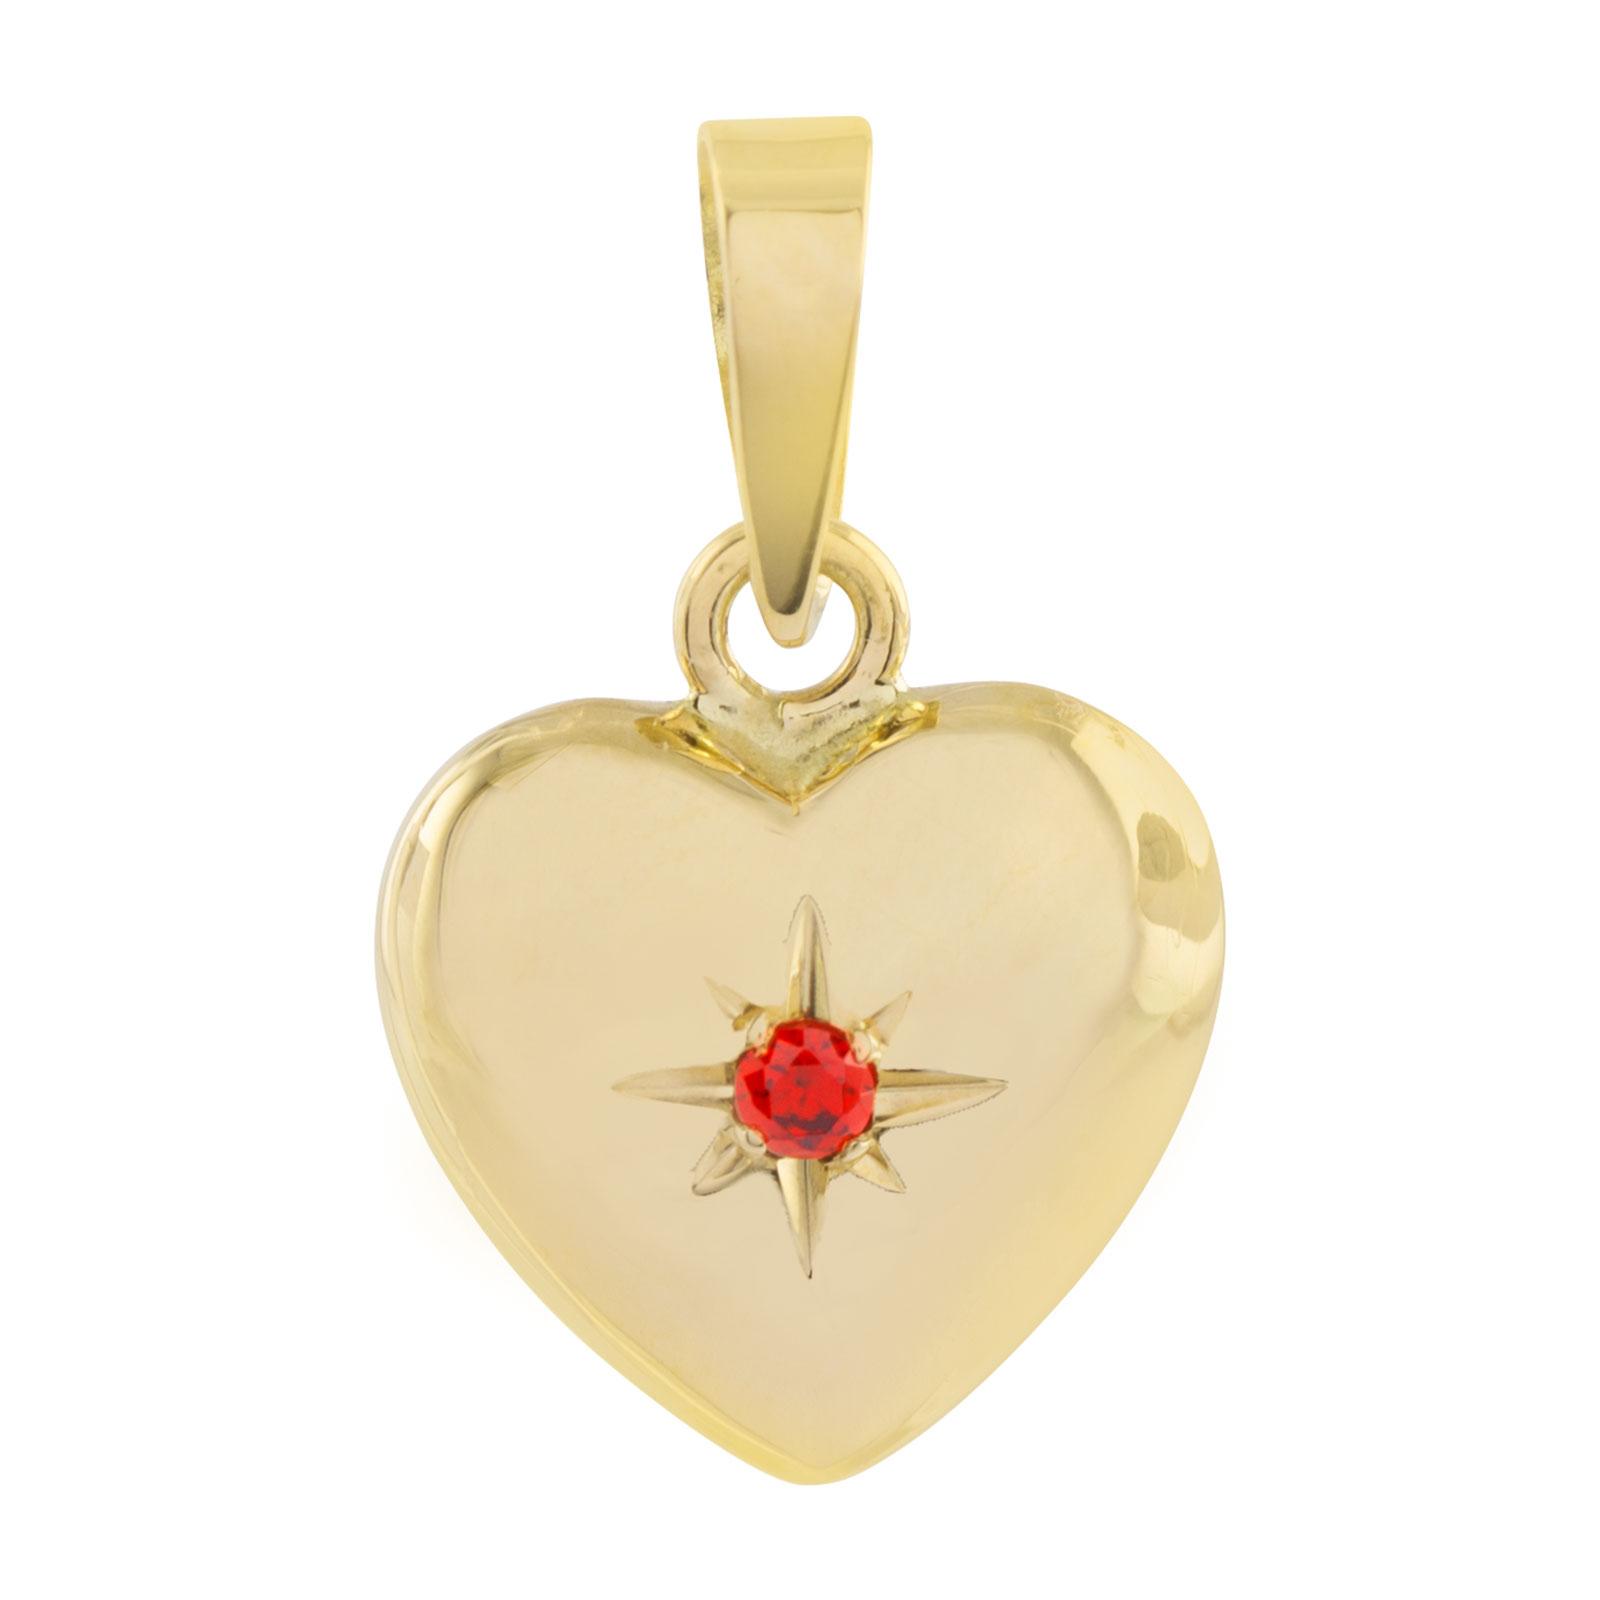 18K Guldhänge hjärta